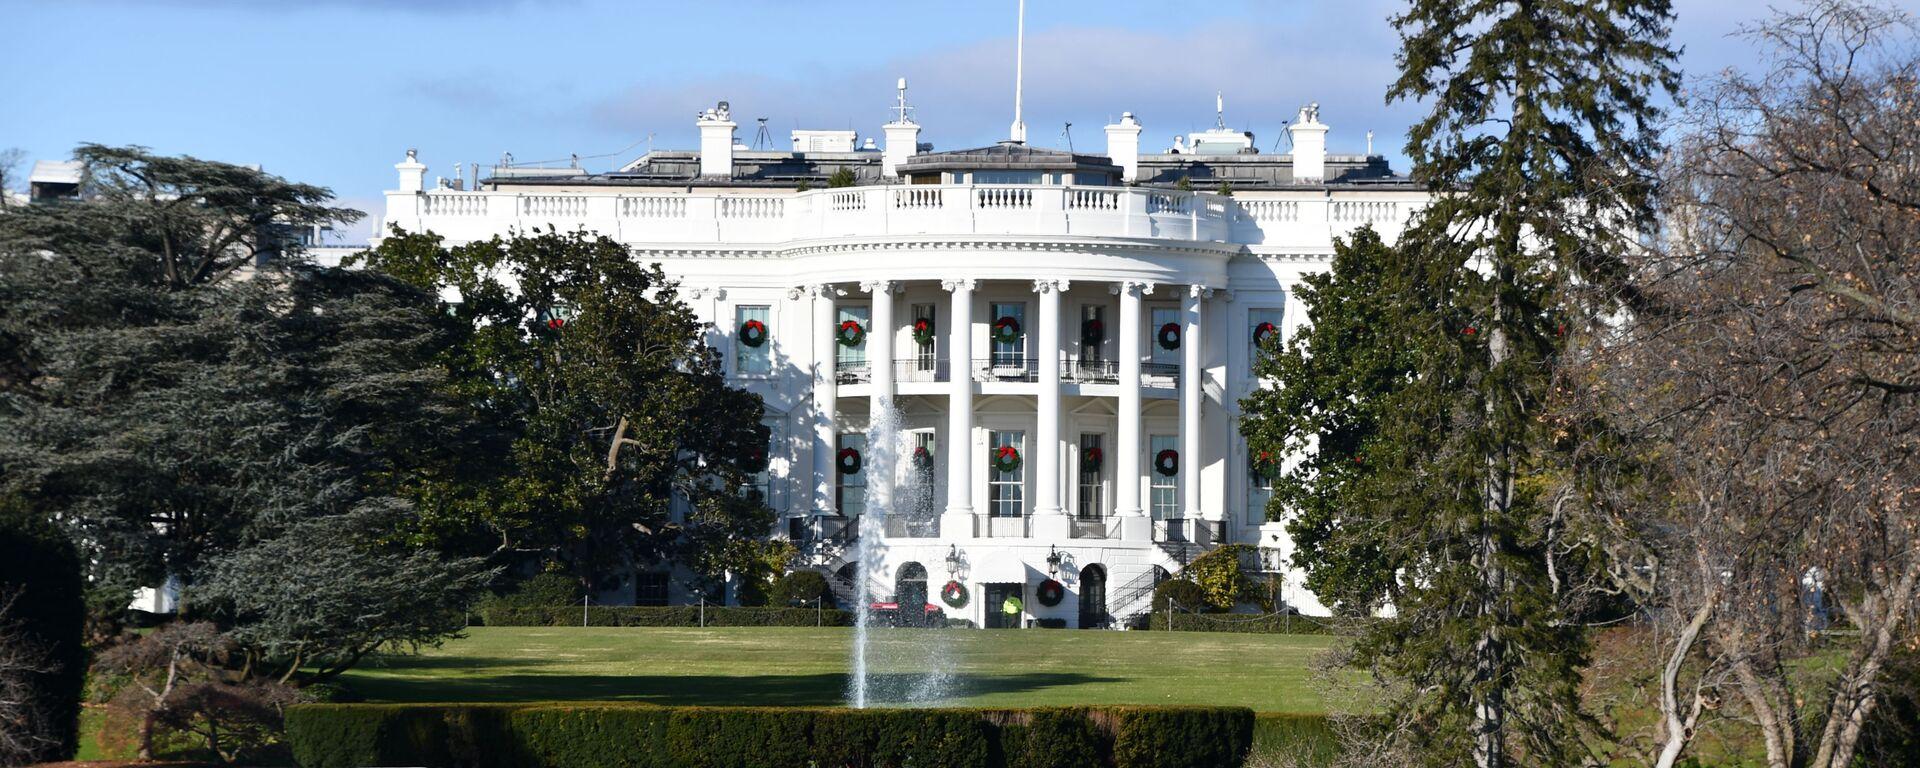 Biały Dom w Waszyngtonie - Sputnik Polska, 1920, 17.04.2021